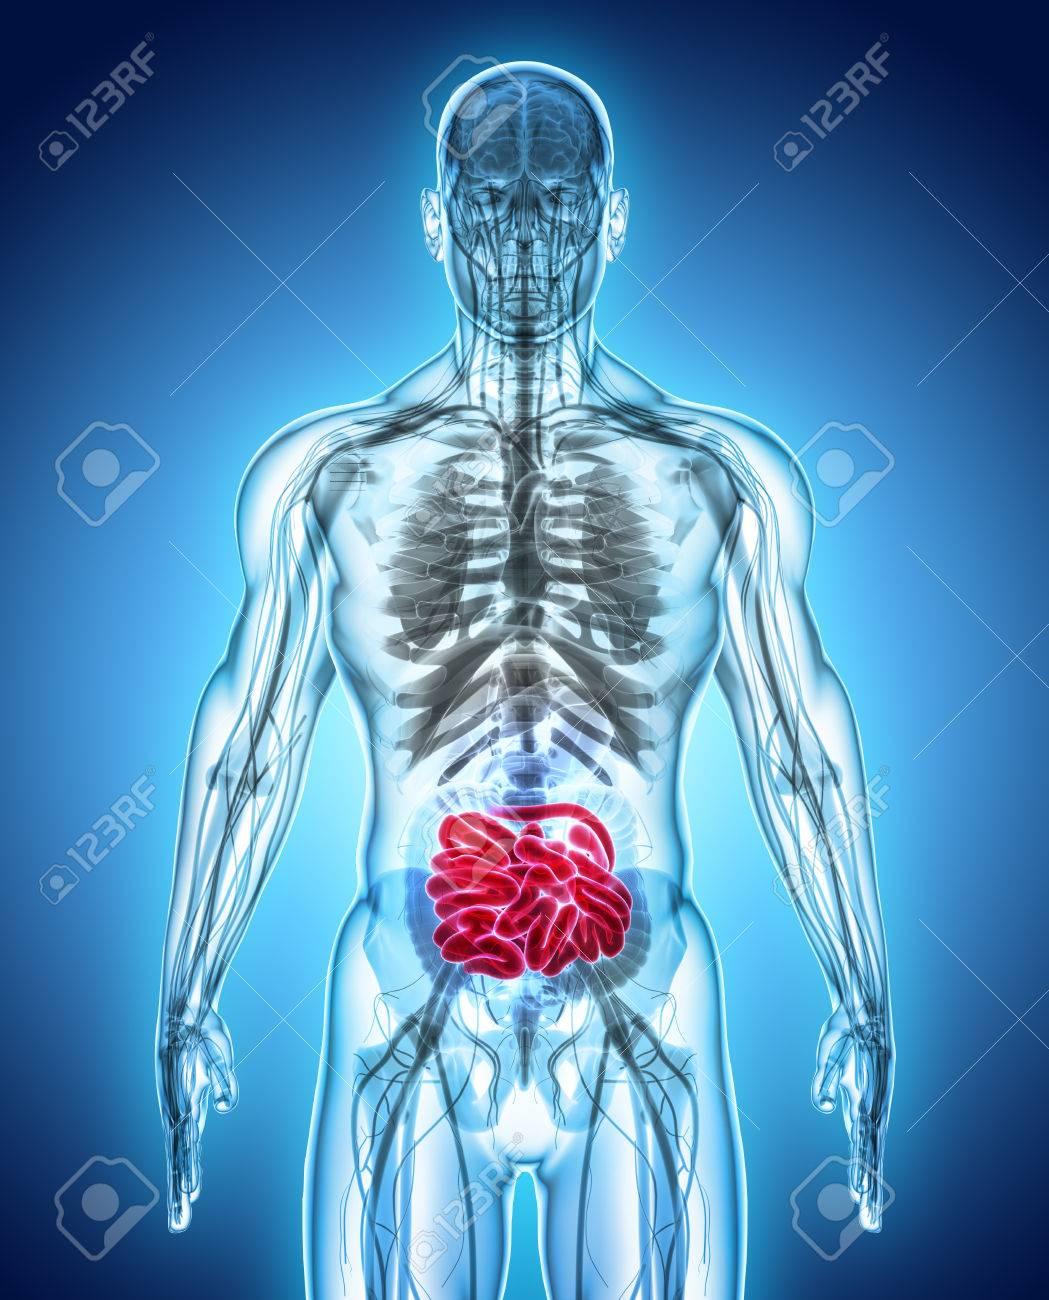 Berühmt Bilder Des Verdauungssystems Bilder - Menschliche Anatomie ...